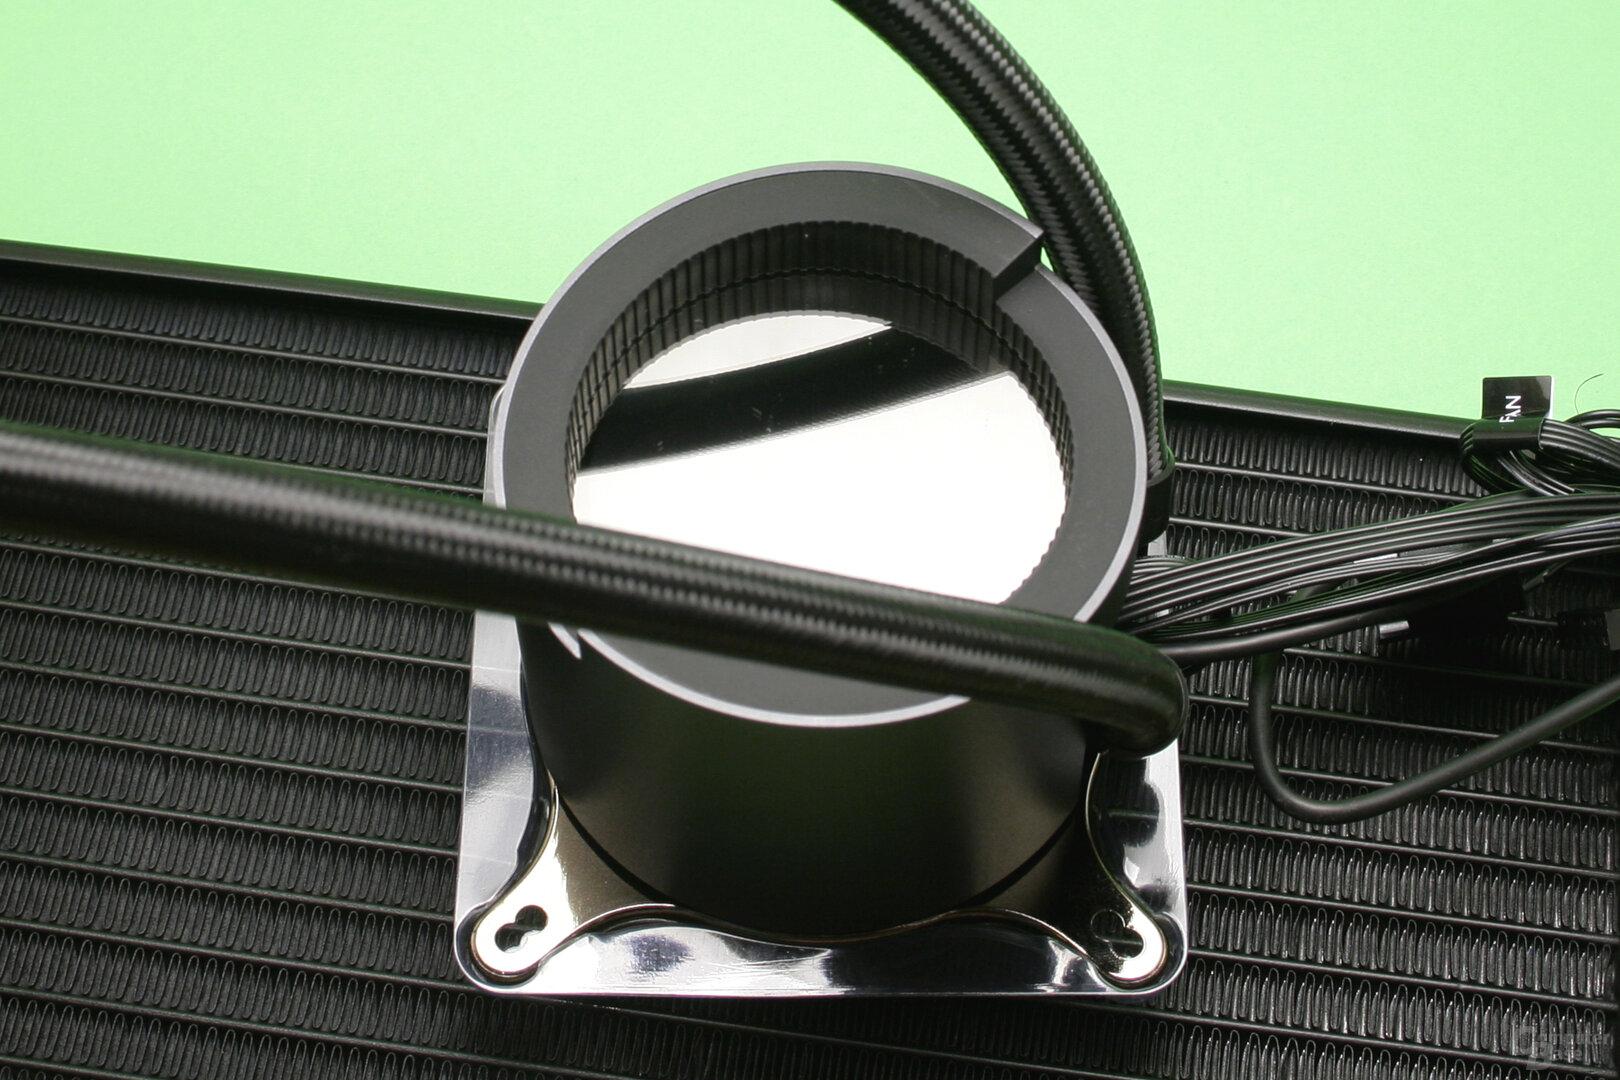 Aorus Liquid Cooler 280: Die Pumpeneinheit von oben